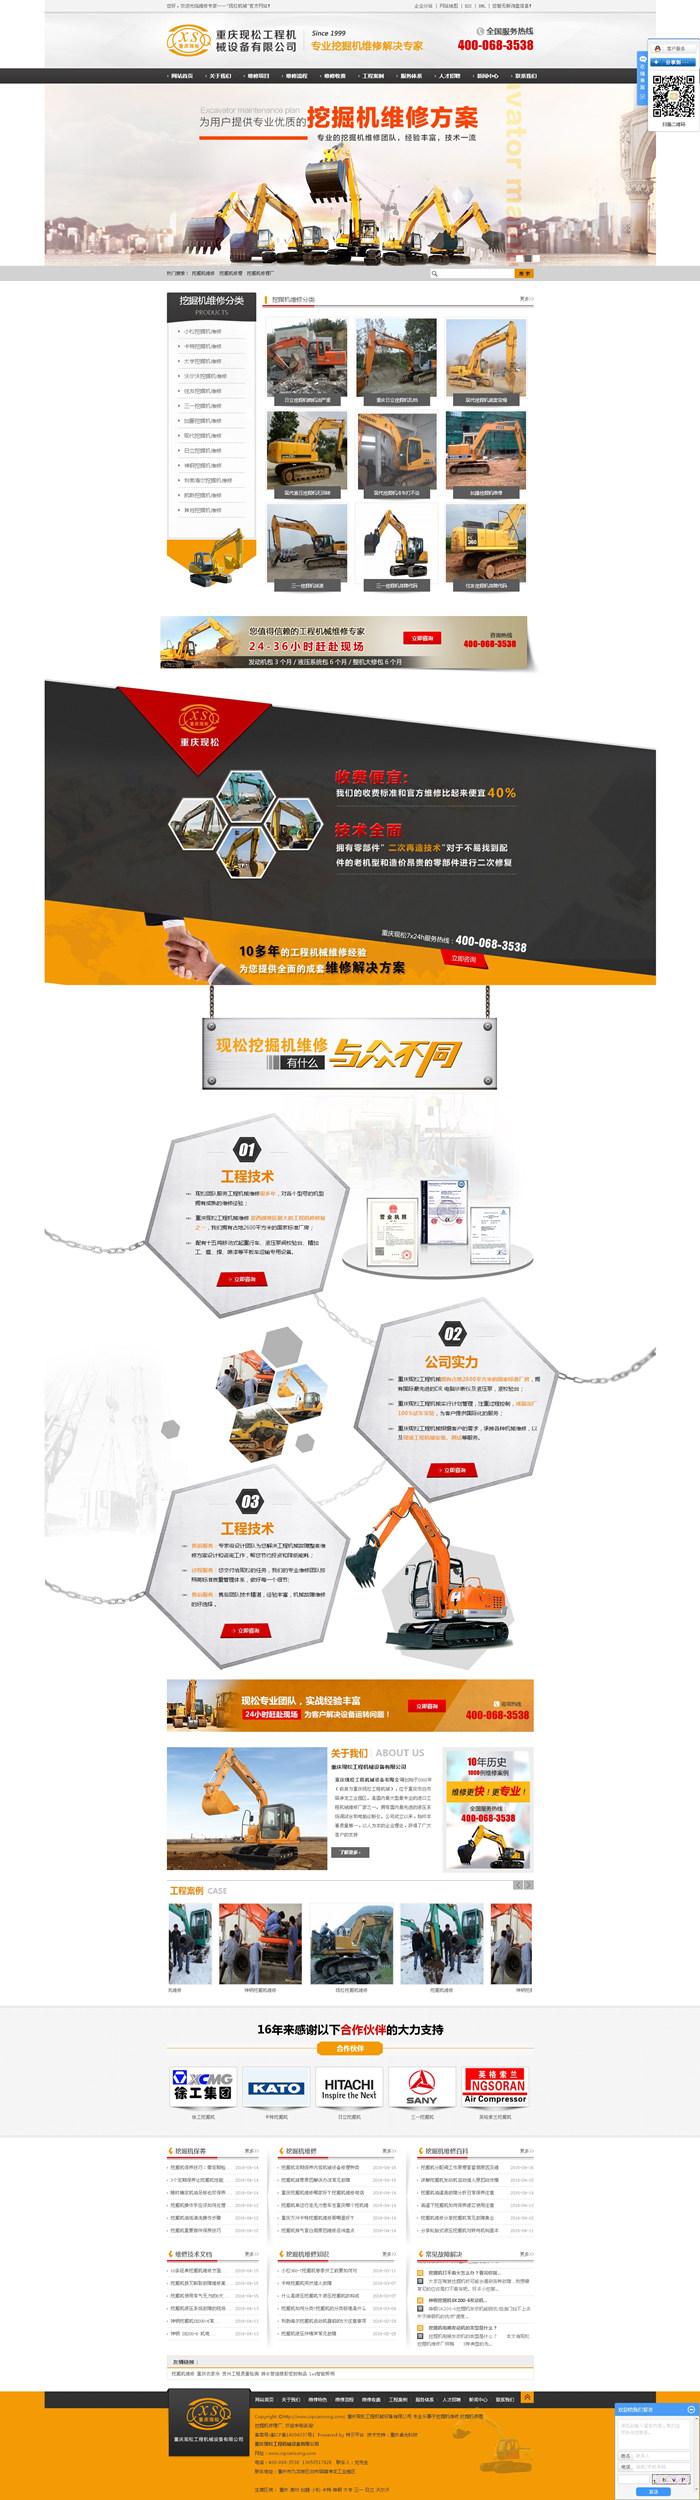 万博官网manbetx电脑版现松工程机械设备万博手机官网登录网页版